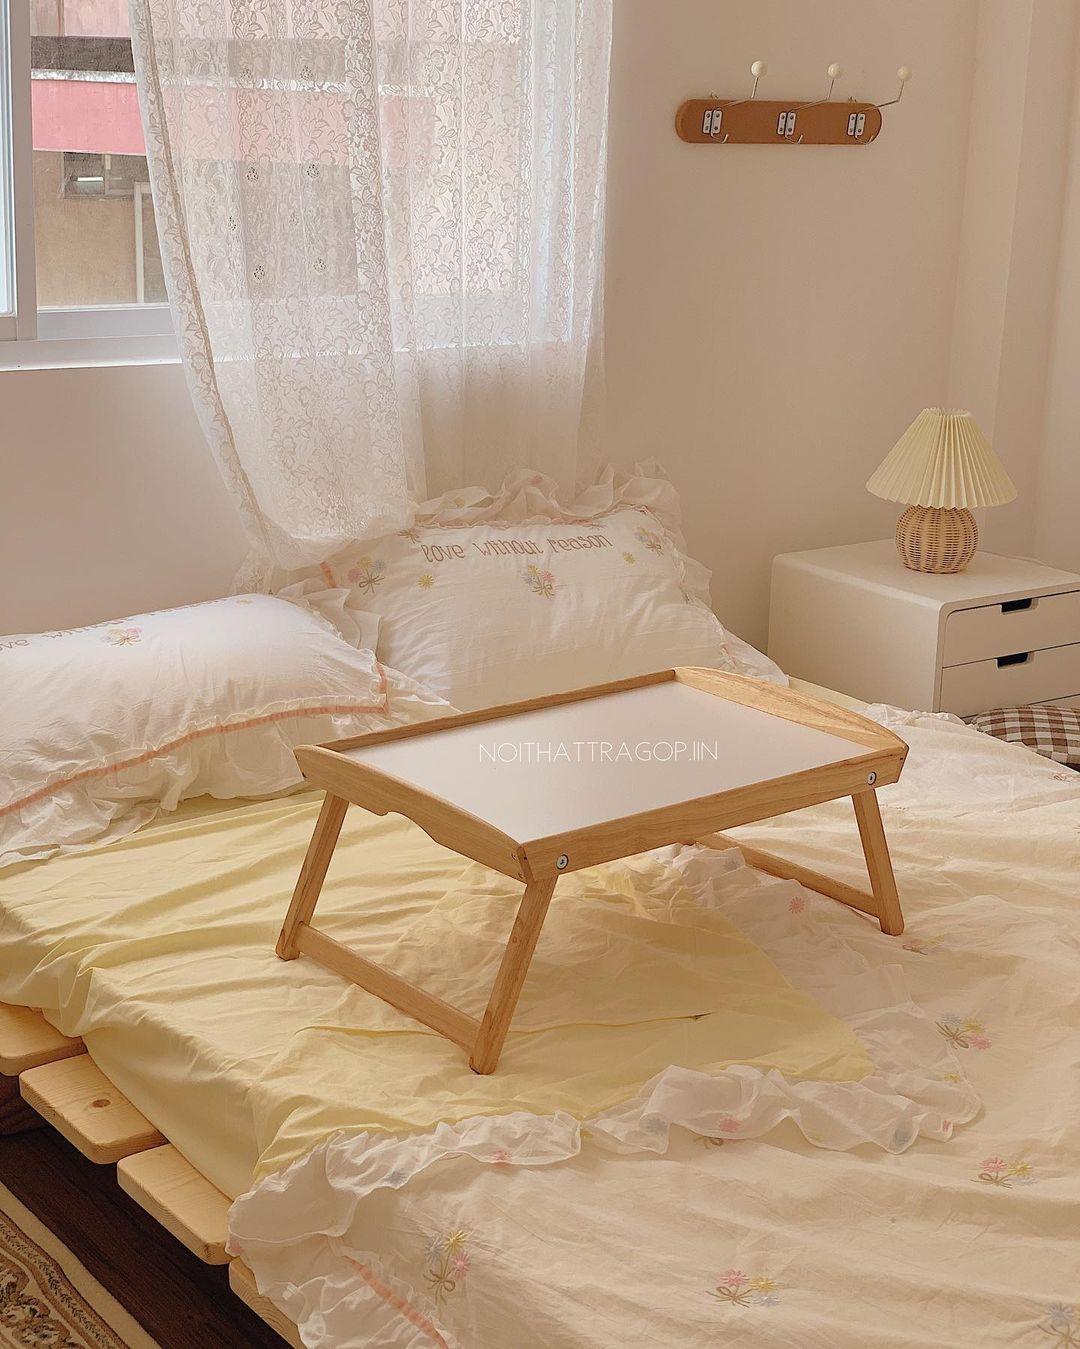 Nhà chật cứ sắm bàn ngồi bệt kiểu Nhật là không hối hận: Gọn mà xinh thế này cơ mà - Ảnh 8.